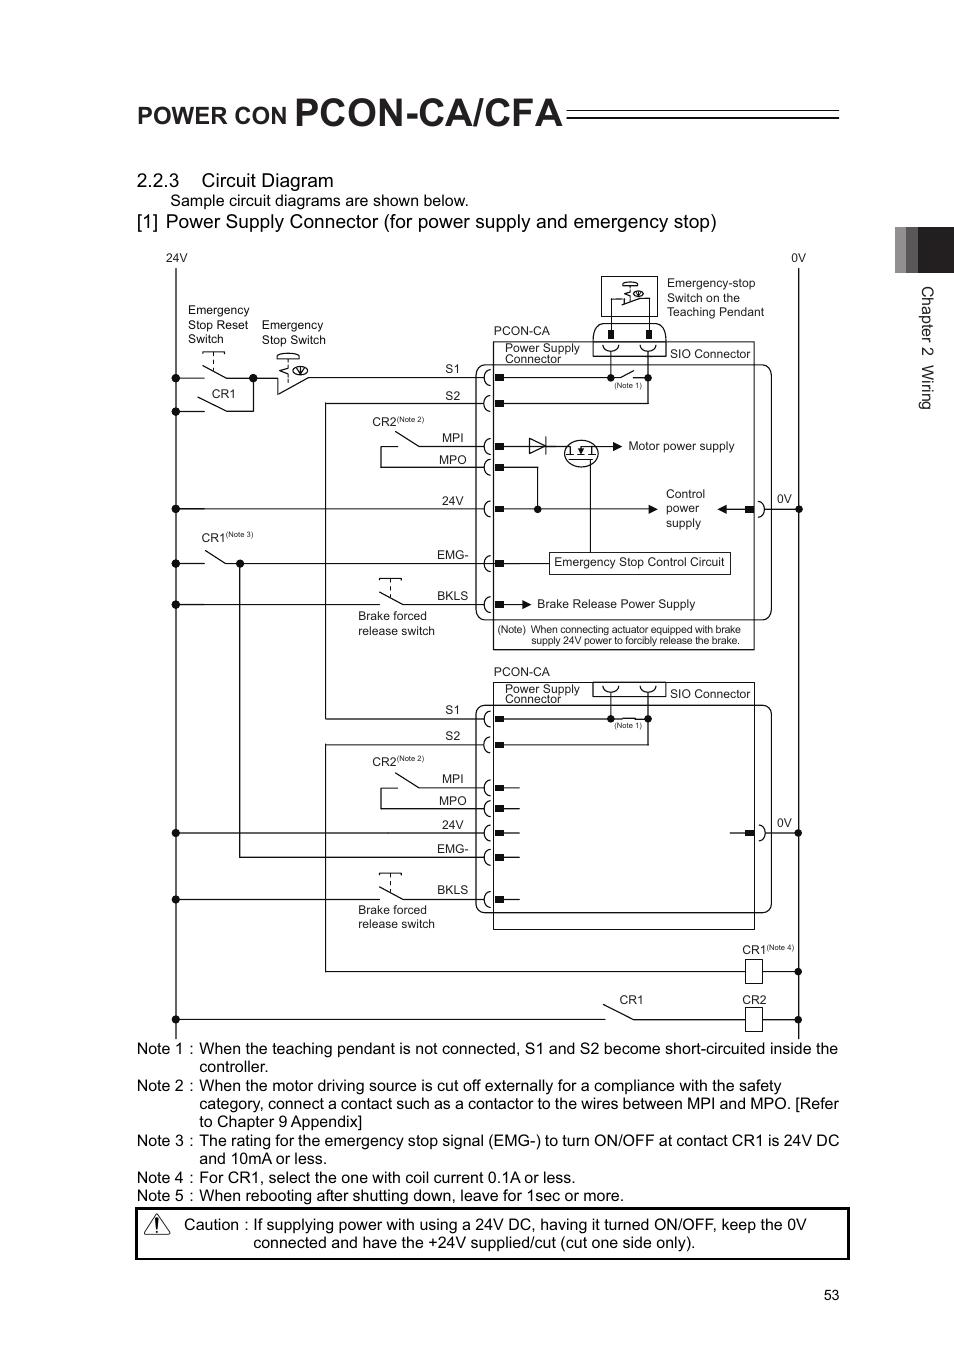 hight resolution of pcon ca cfa power con 3 circuit diagram iai america pcon ca user manual page 61 296